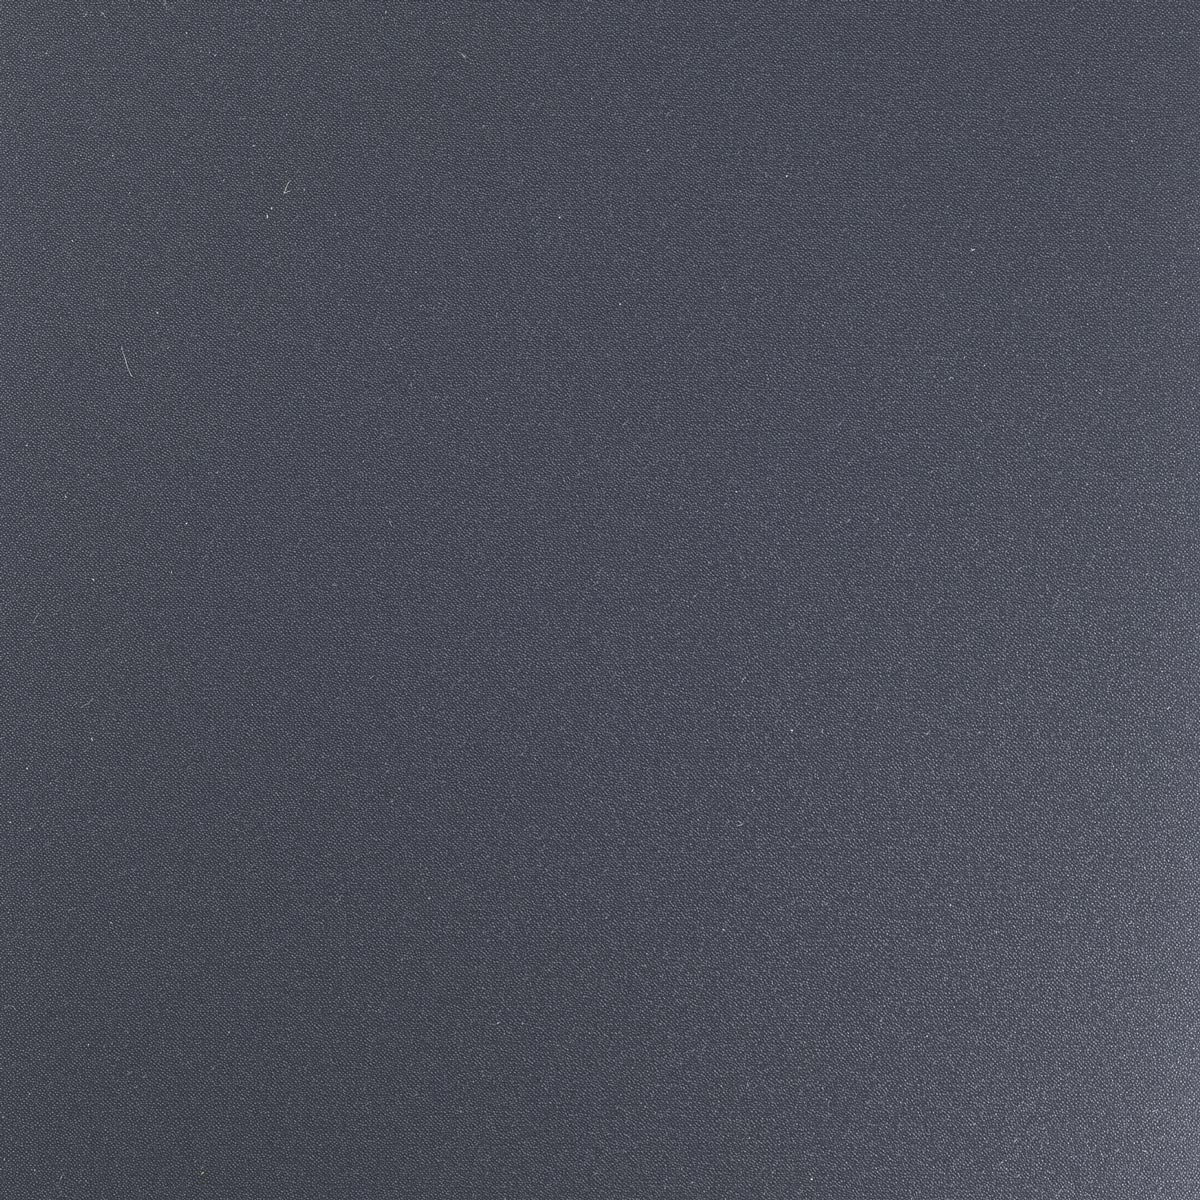 Grigio Antracite Materico  Ral7016 XT